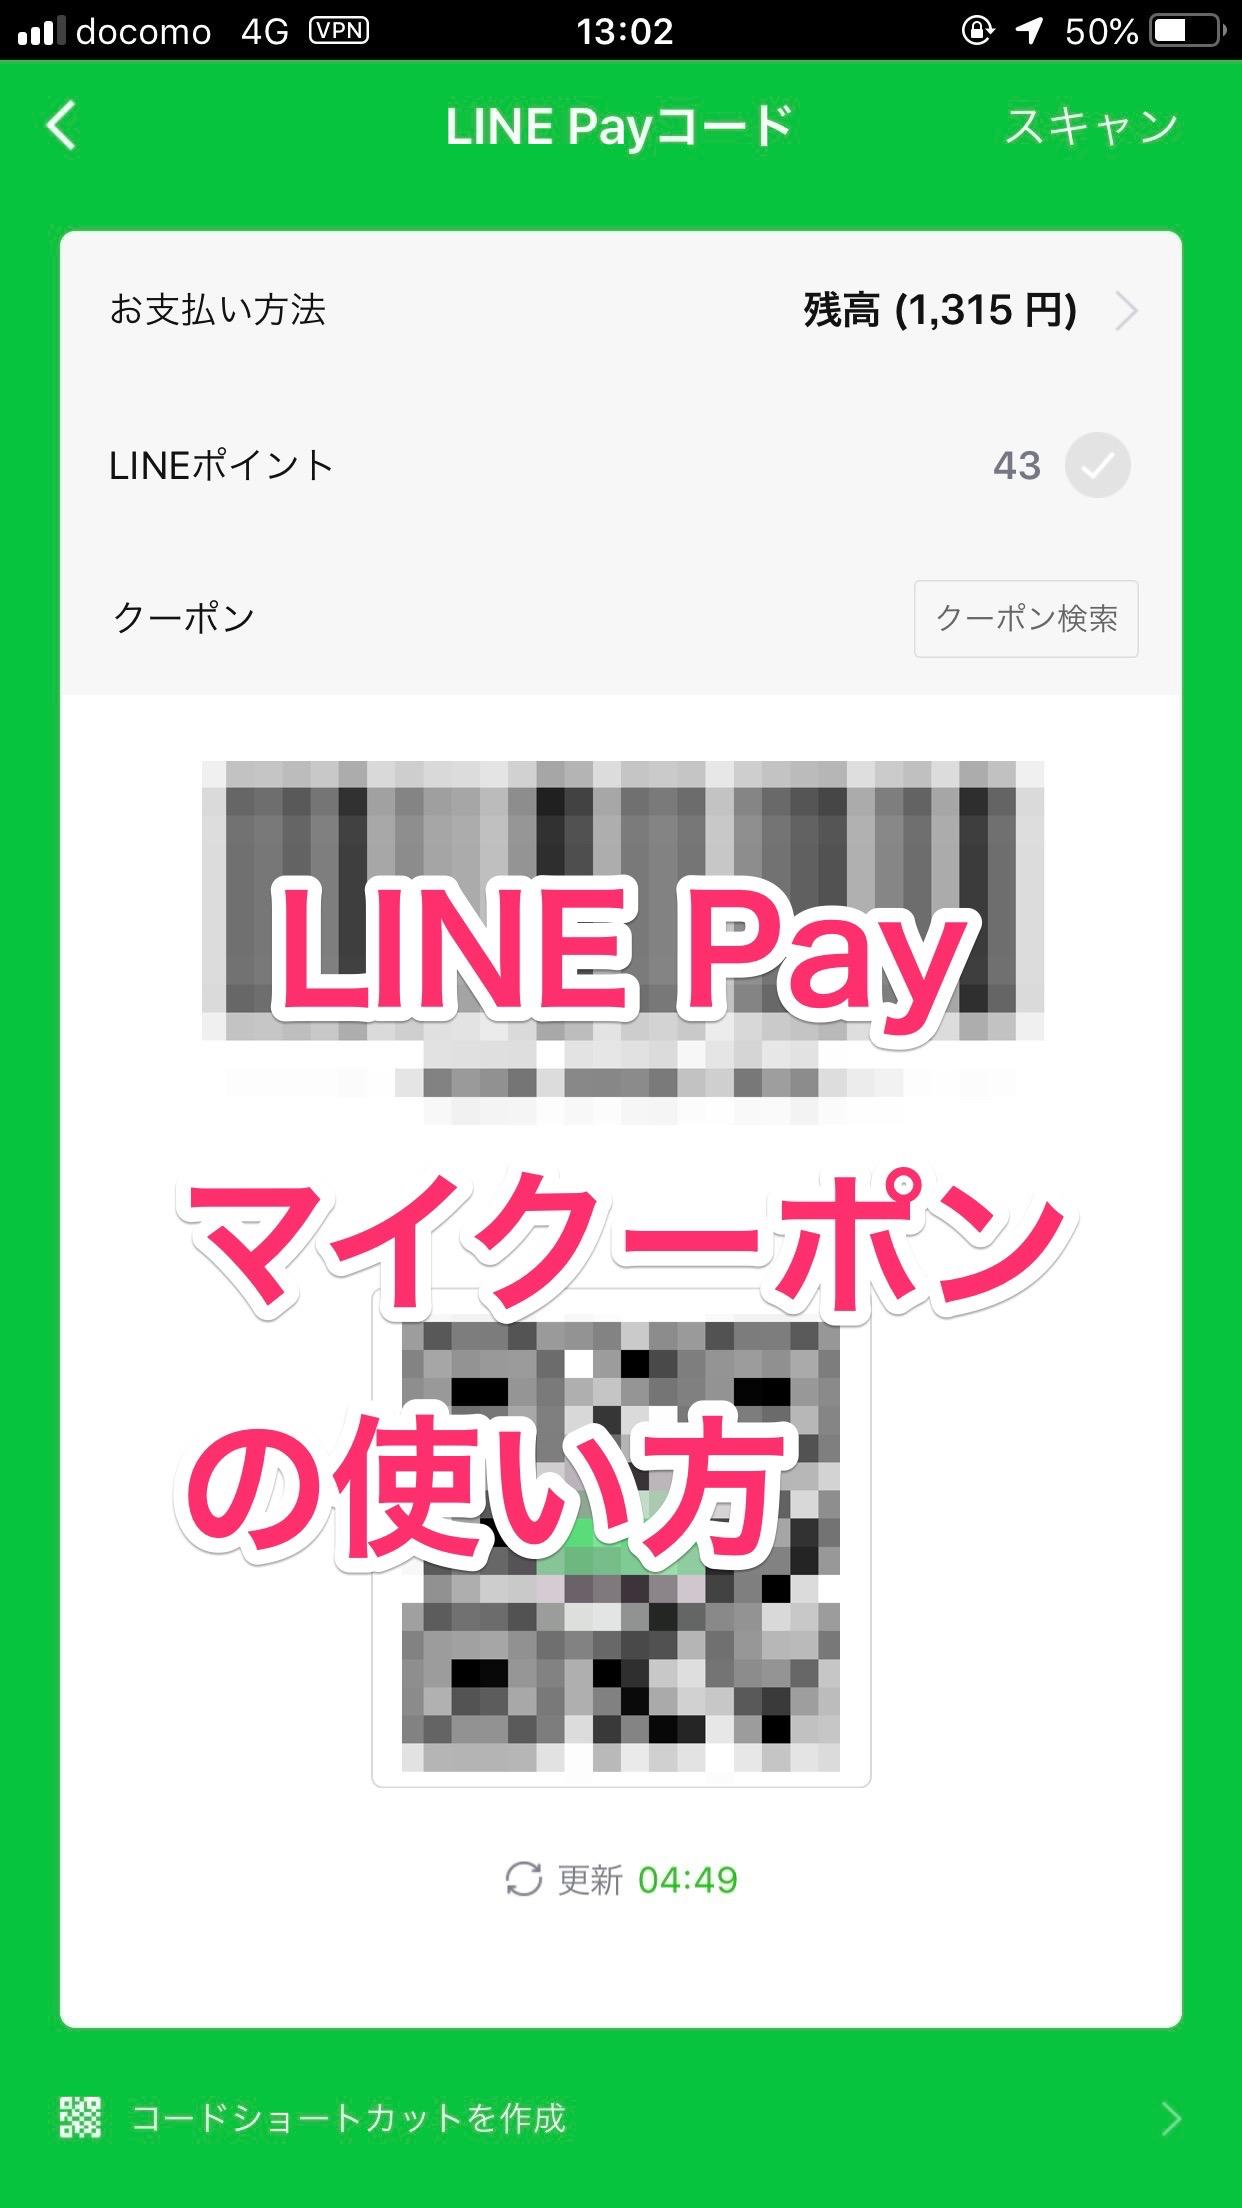 【LINE Pay】「マイクーポン」の使い方